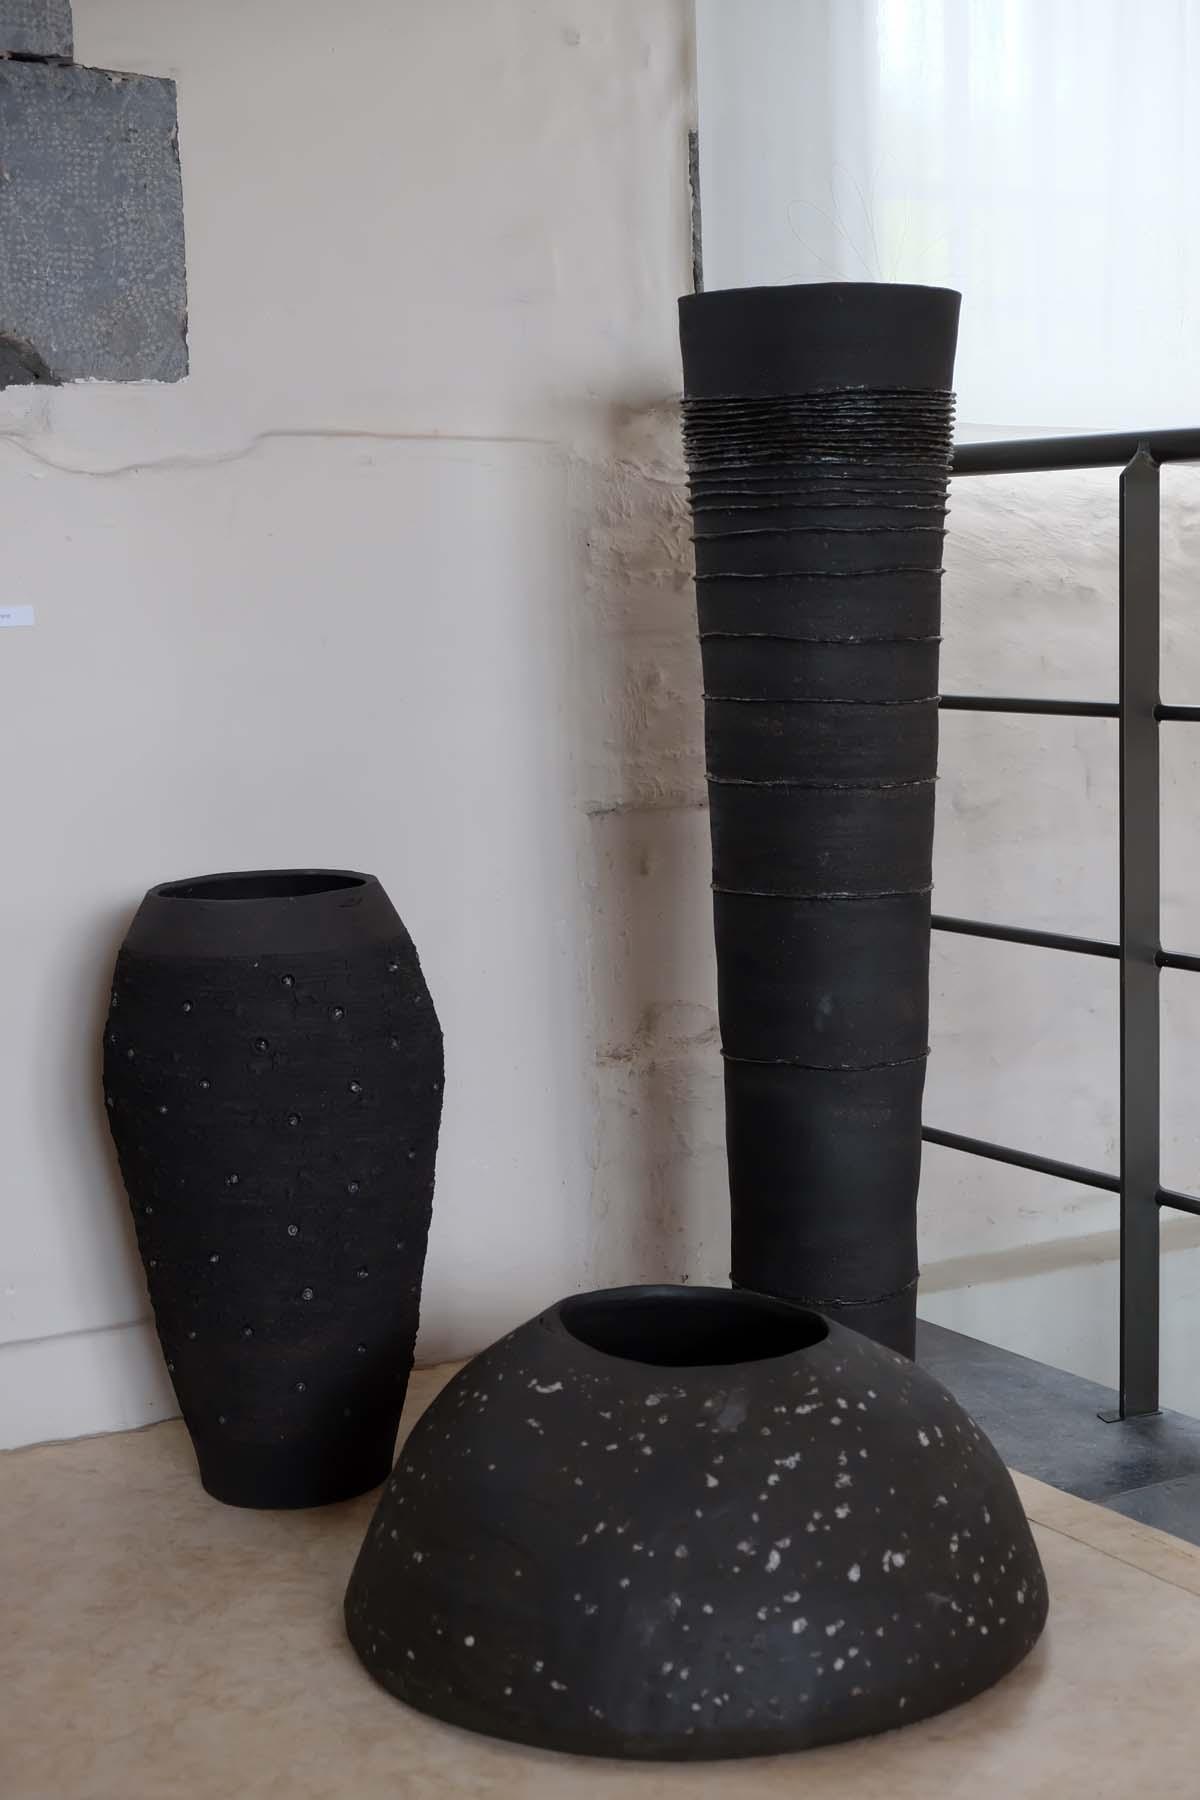 keramika-eindejaarstentoonstelling001